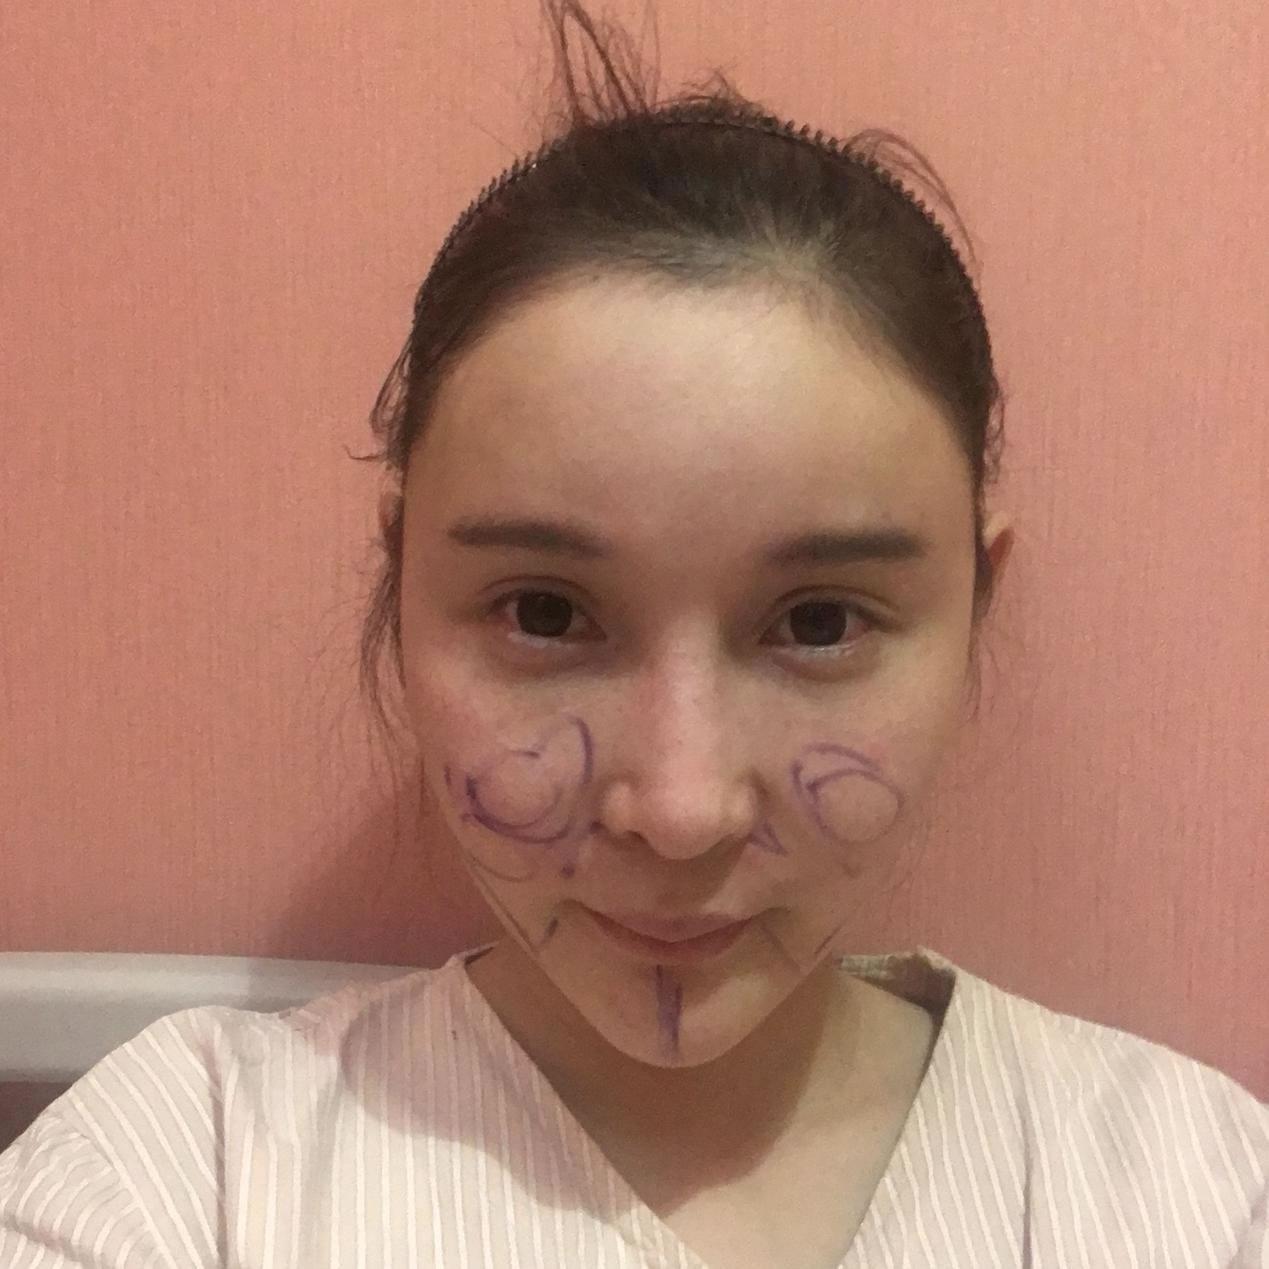 坐标韩国!在佳轮韩整形外科做脸部吸脂后很满意反馈给大家瞅瞅